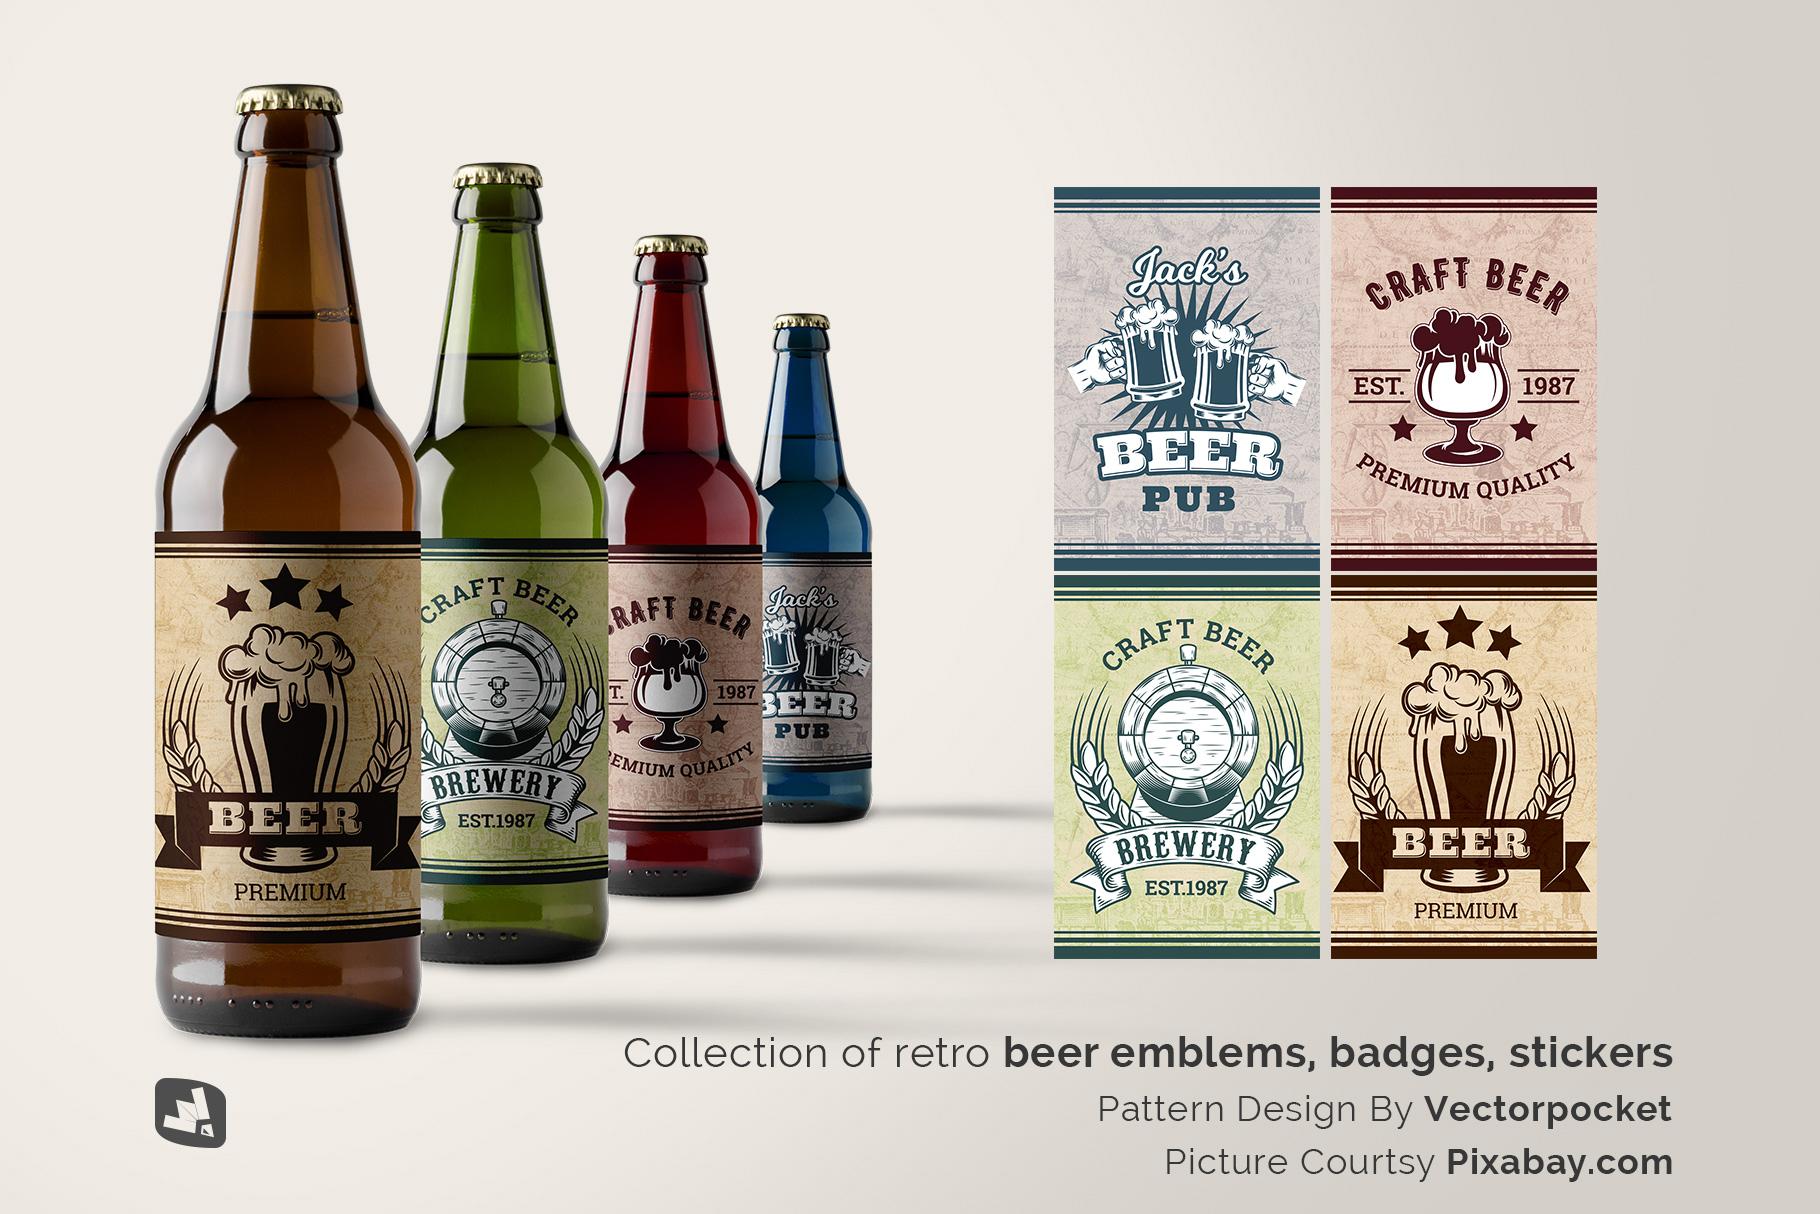 designer's credit of the craft beer bottle packaging mockup